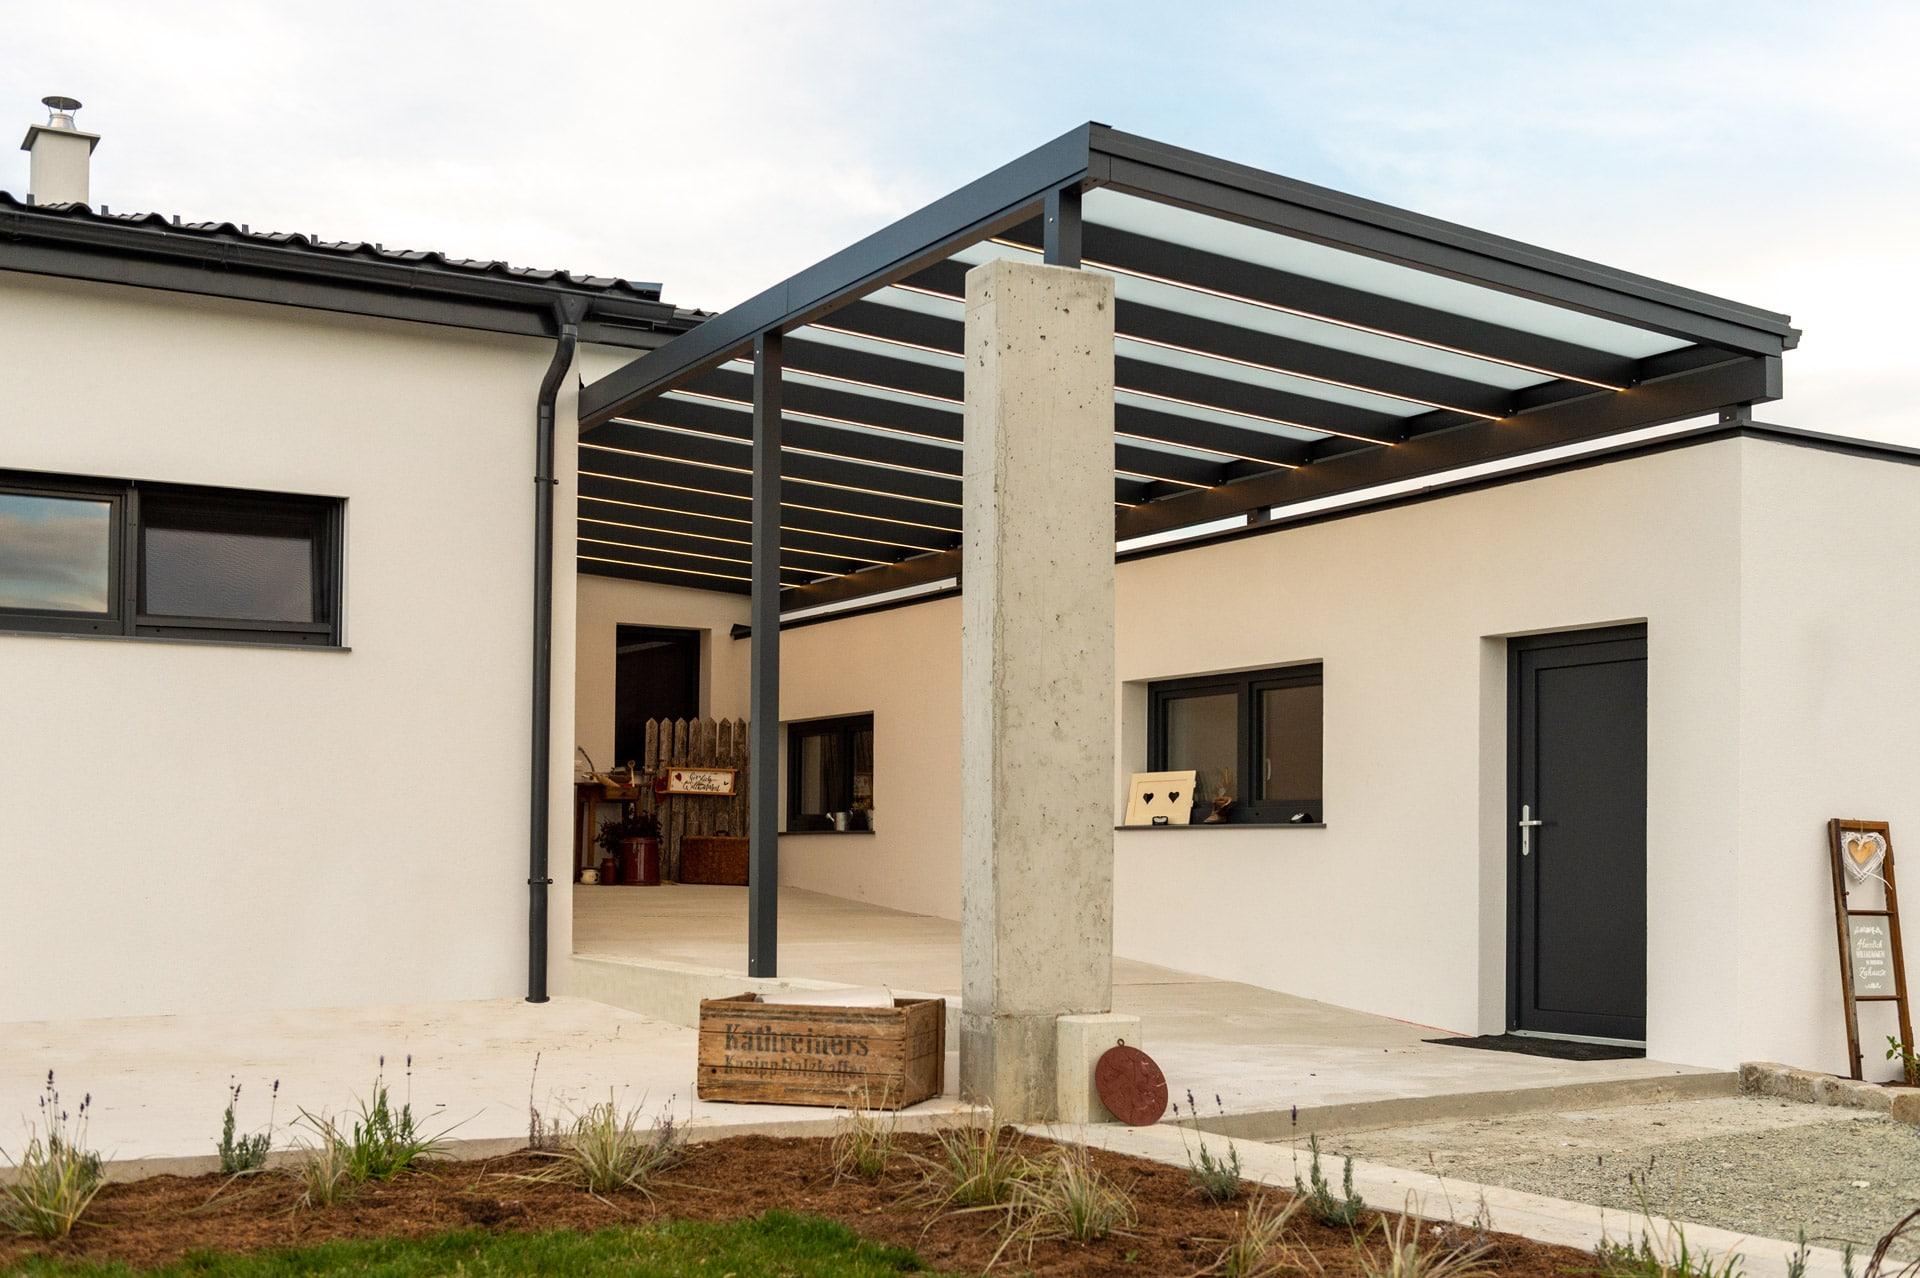 Vordach Alu 47 a | Alu-Glas-Eingangsüberdachung anthrazit mit LED-Beleuchtungs-Streifen | Svoboda